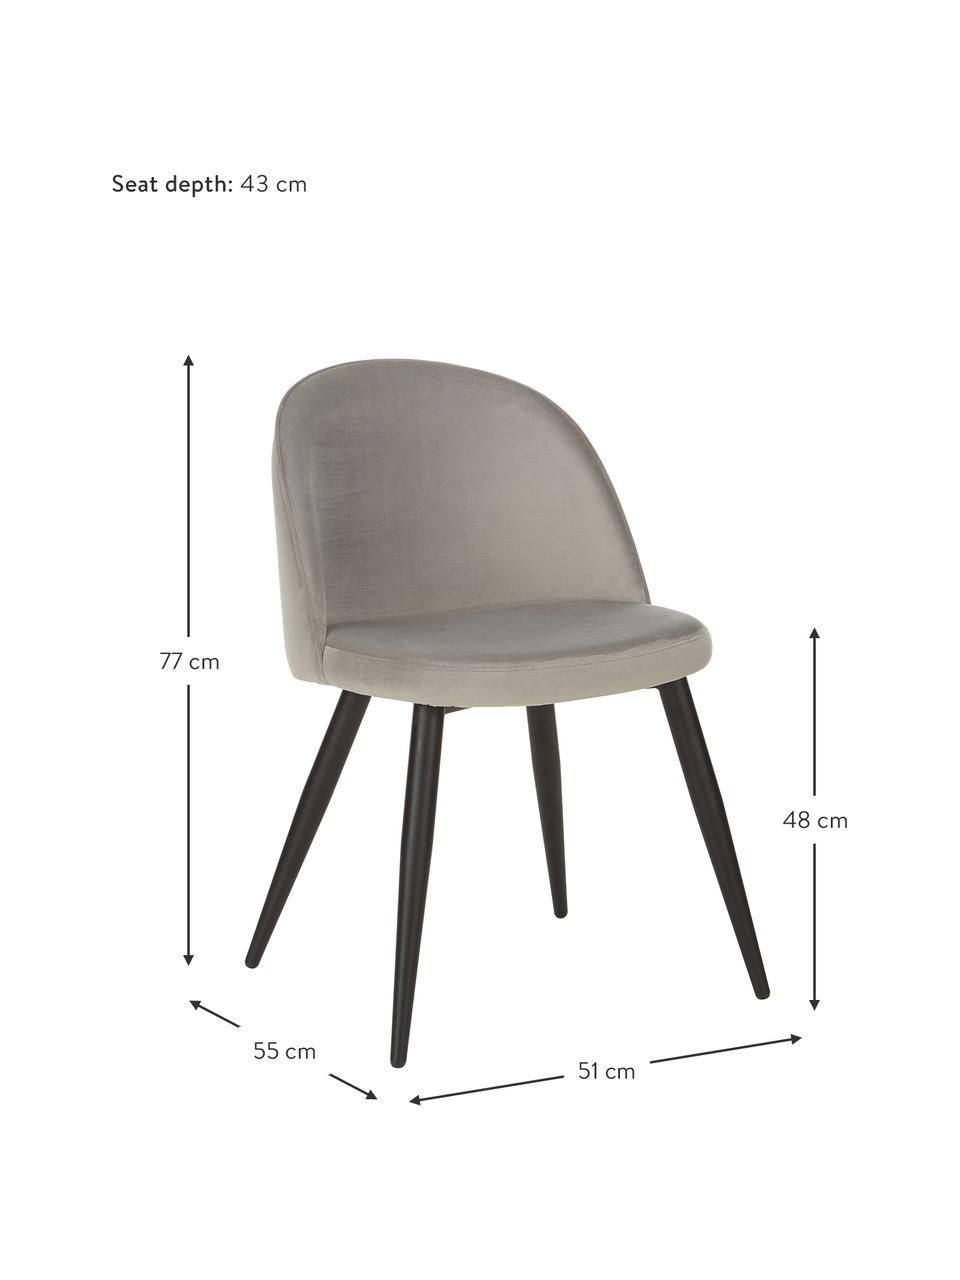 Moderne Samt-Polsterstühle Amy, 2 Stück, Bezug: Samt (Polyester) Der hoch, Beine: Metall, pulverbeschichtet, Samt Grau, B 51 x T 55 cm